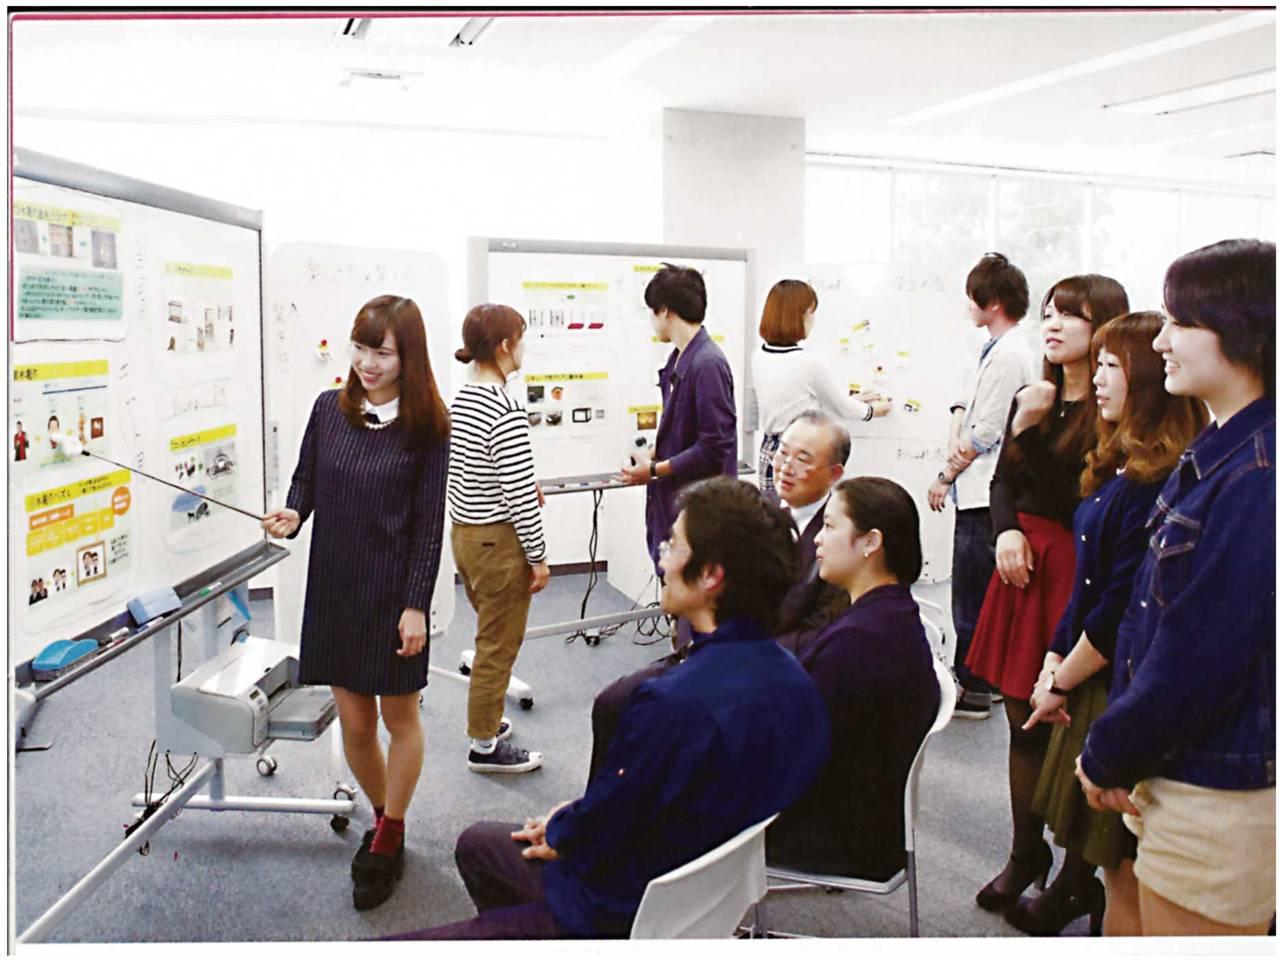 産学協同研究で神田ゼミの学生が企業の担当者に向けて発表している様子